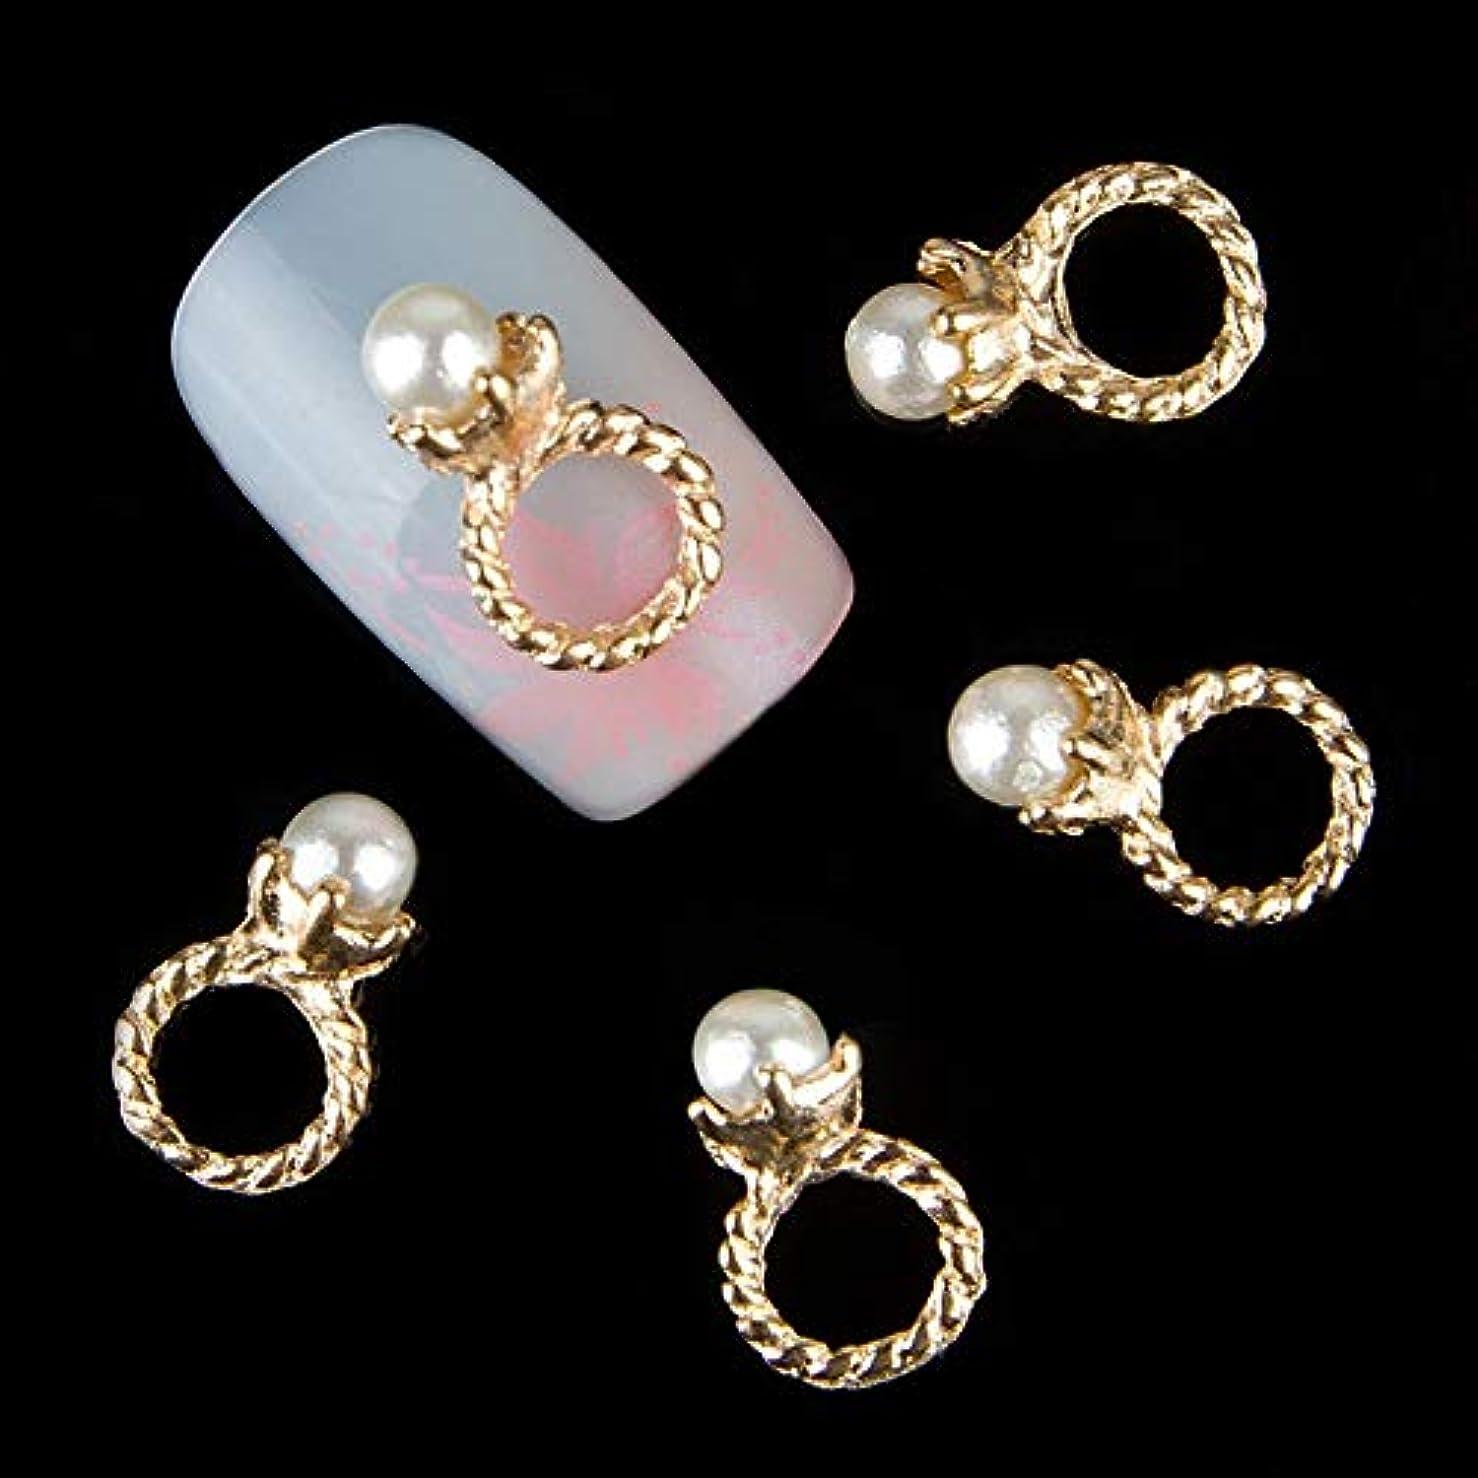 周りカップル乳マニキュア合金デコレーションラインストーンネイルアート用ネイルアートチャームジュエリーのための3Dのリングのデザインラインストーンの装飾